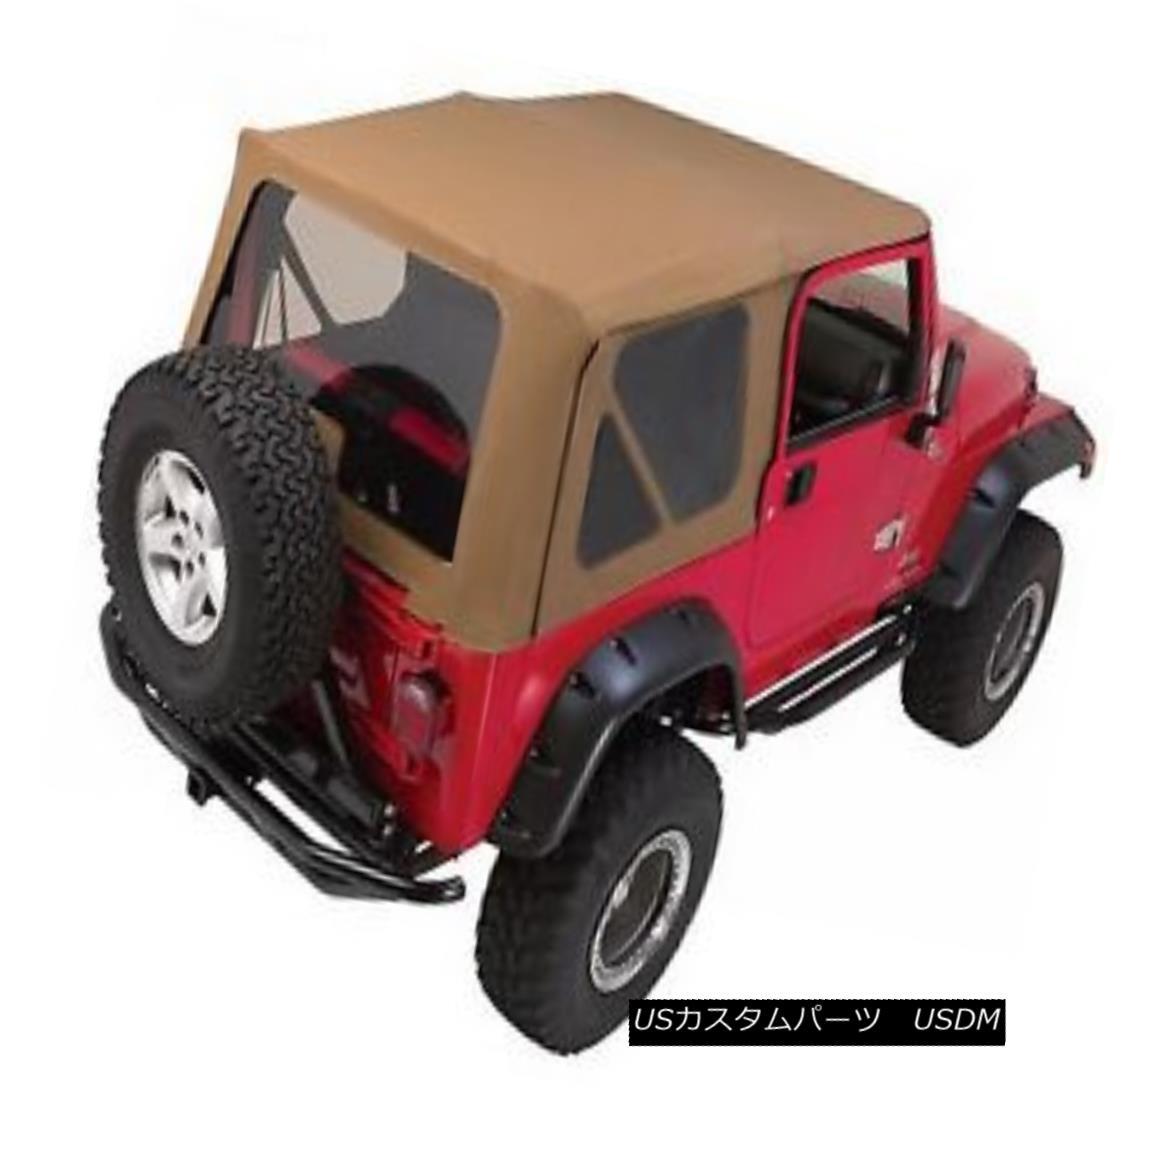 幌・ソフトトップ Rampage 68836 Replacement Soft Top w/ Frame & Hardware 1997-06 Jeep Wrangler, TJ 暴れ68836交換用ソフトトップ/フレーム& ハードウェア1997-06ジープ・ラングラー、TJ